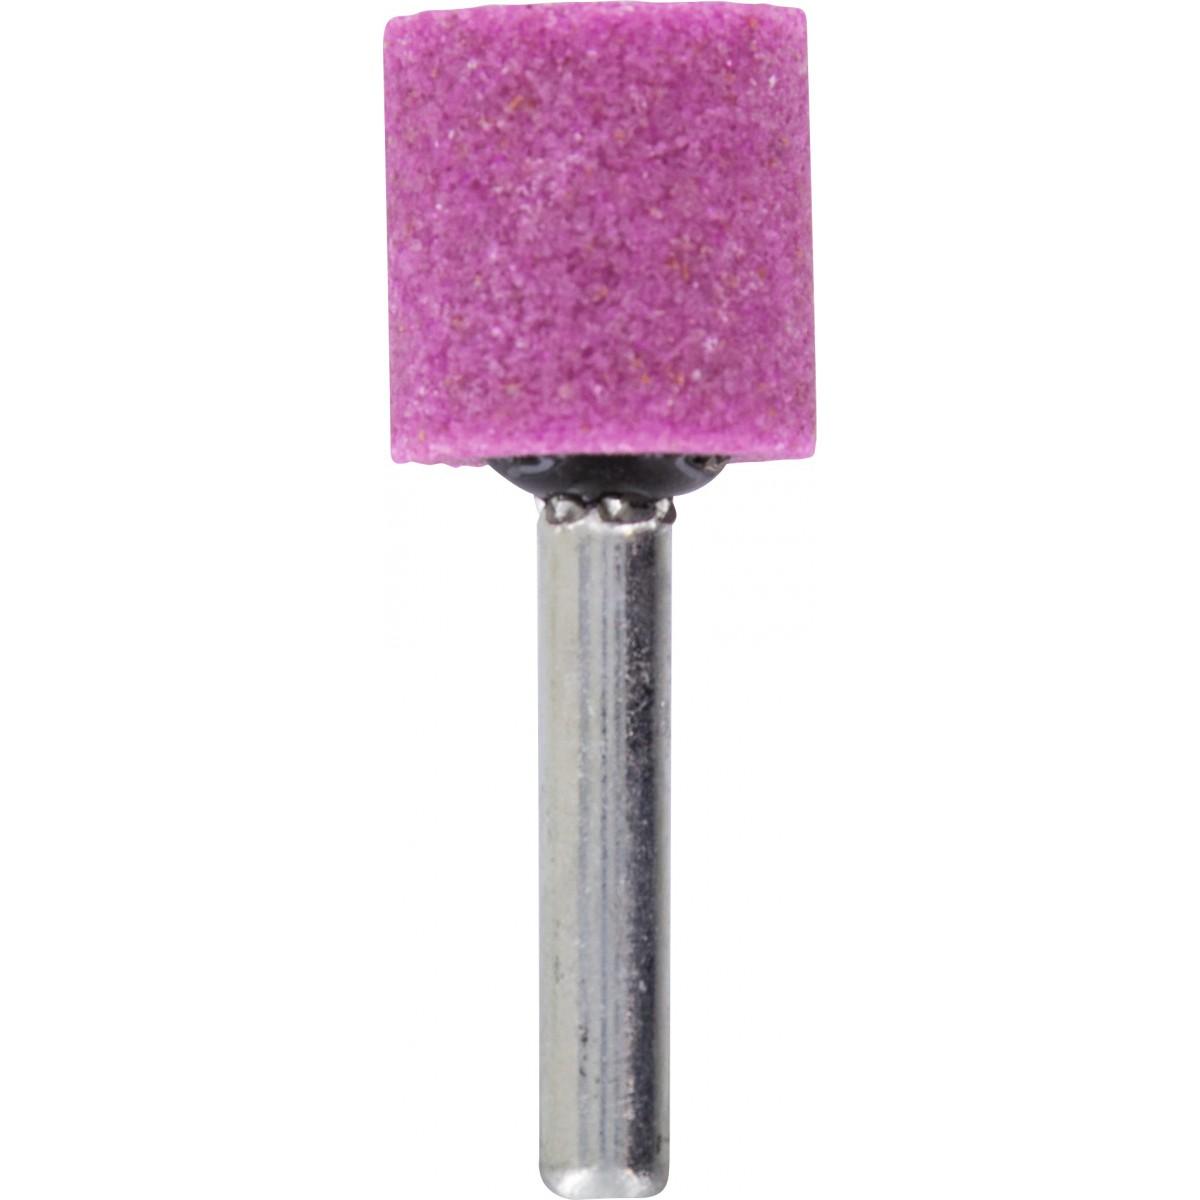 Meule sur tige au corindon rose SCID - Cylindrique - Diamètre 20 mm - Hauteur 20 mm